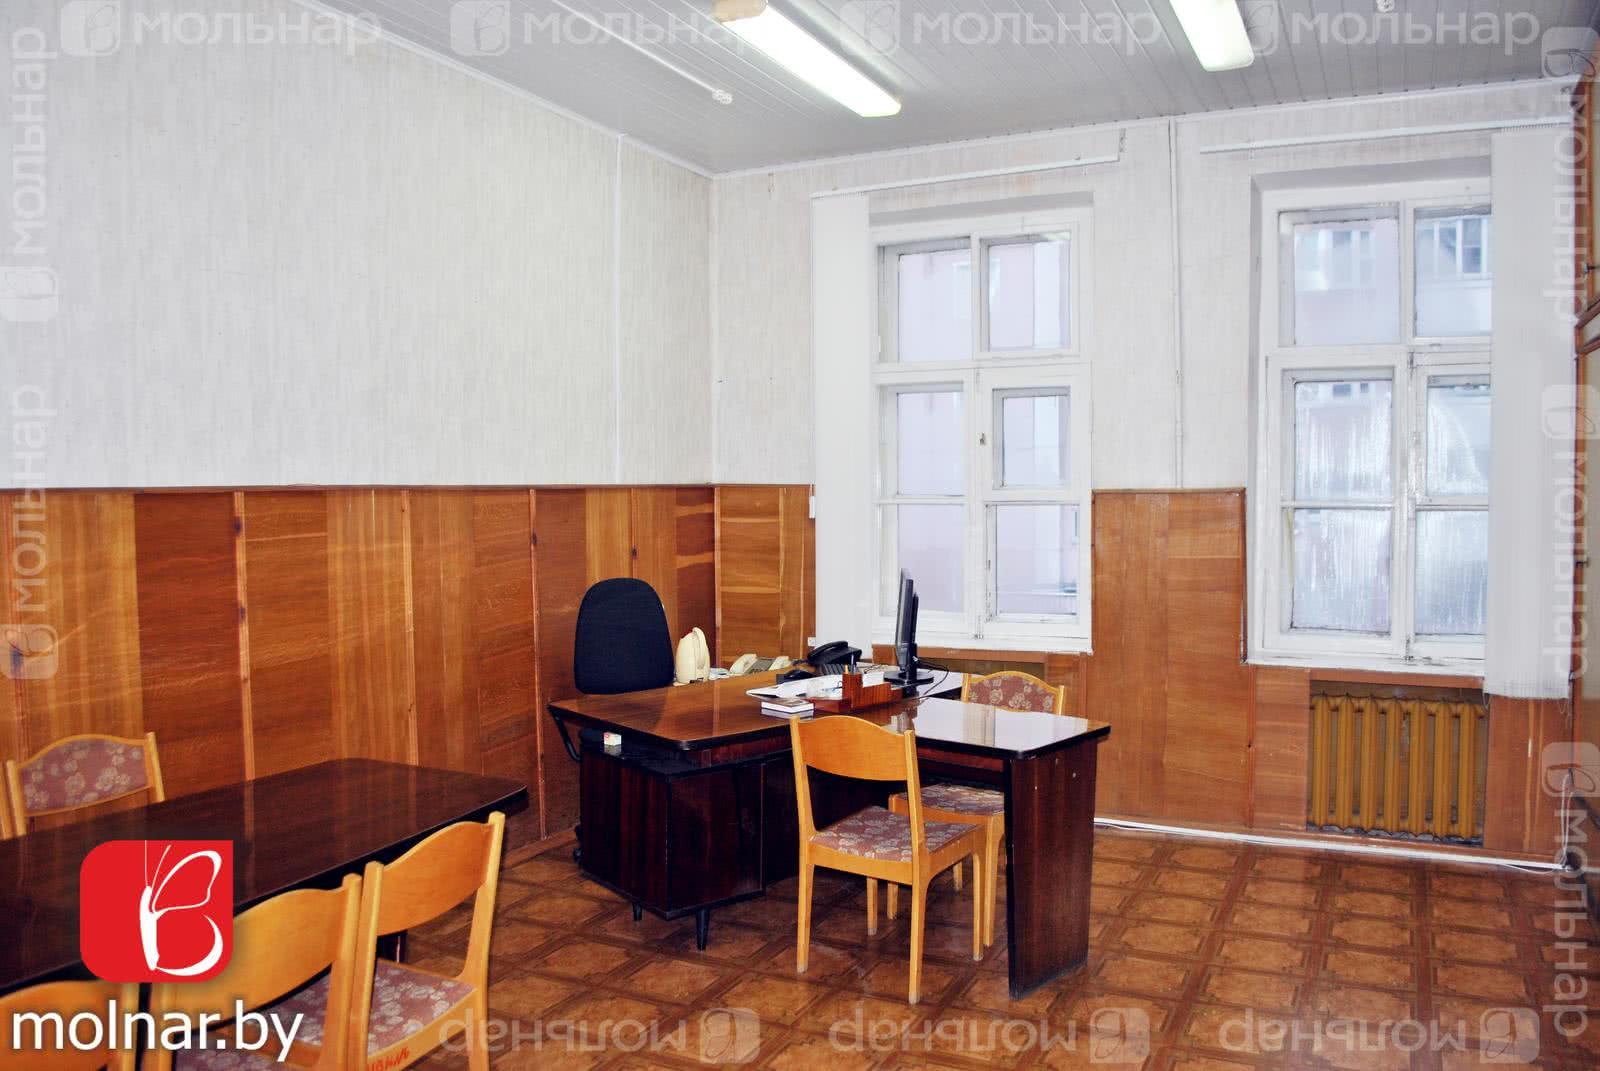 Купить складское помещение на ул. Полевая, д. 24 в Минске - фото 3